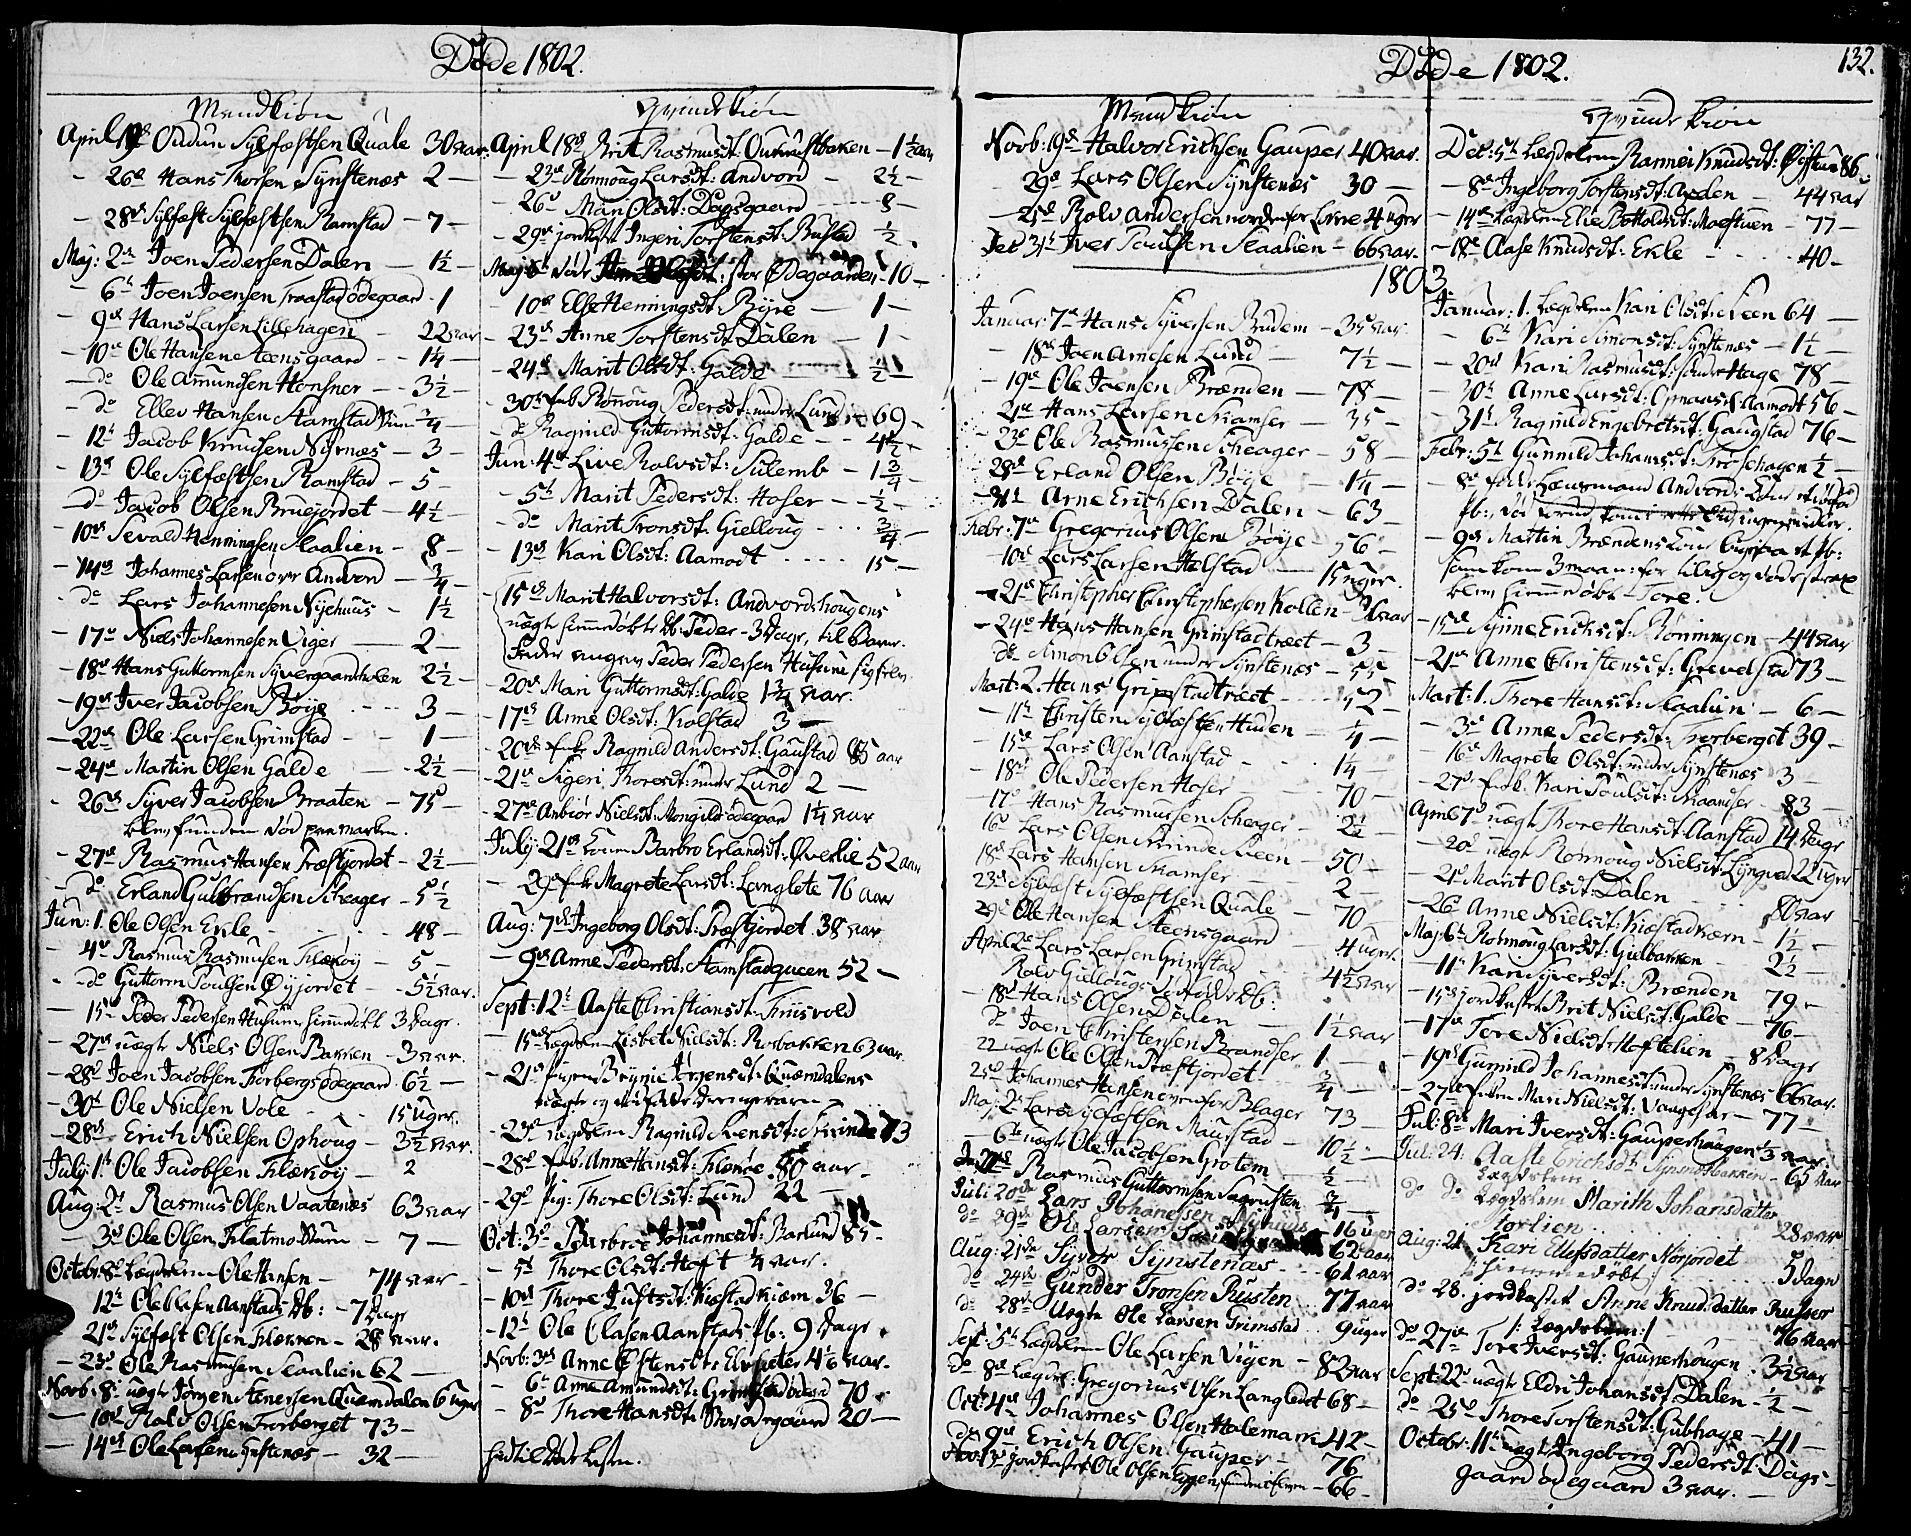 SAH, Lom prestekontor, K/L0003: Ministerialbok nr. 3, 1801-1825, s. 132